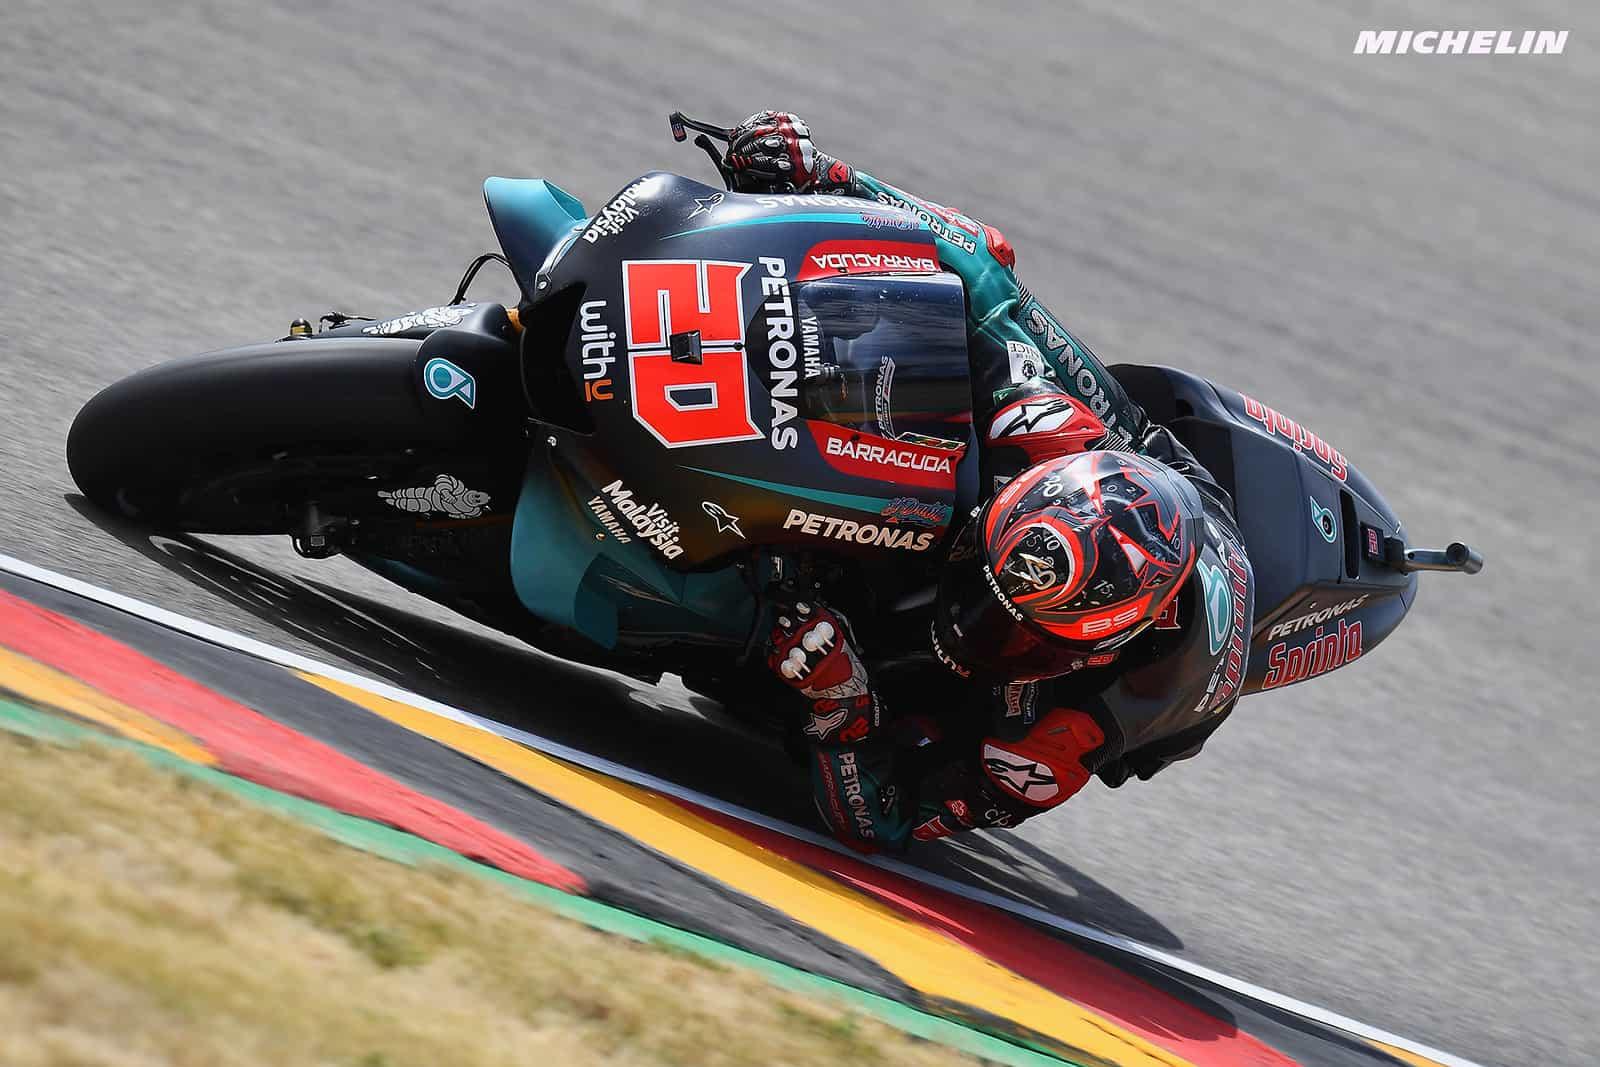 MotoGP2019ドイツGP クアルタラロ「このミスから学び、強くなって戻ってくる」